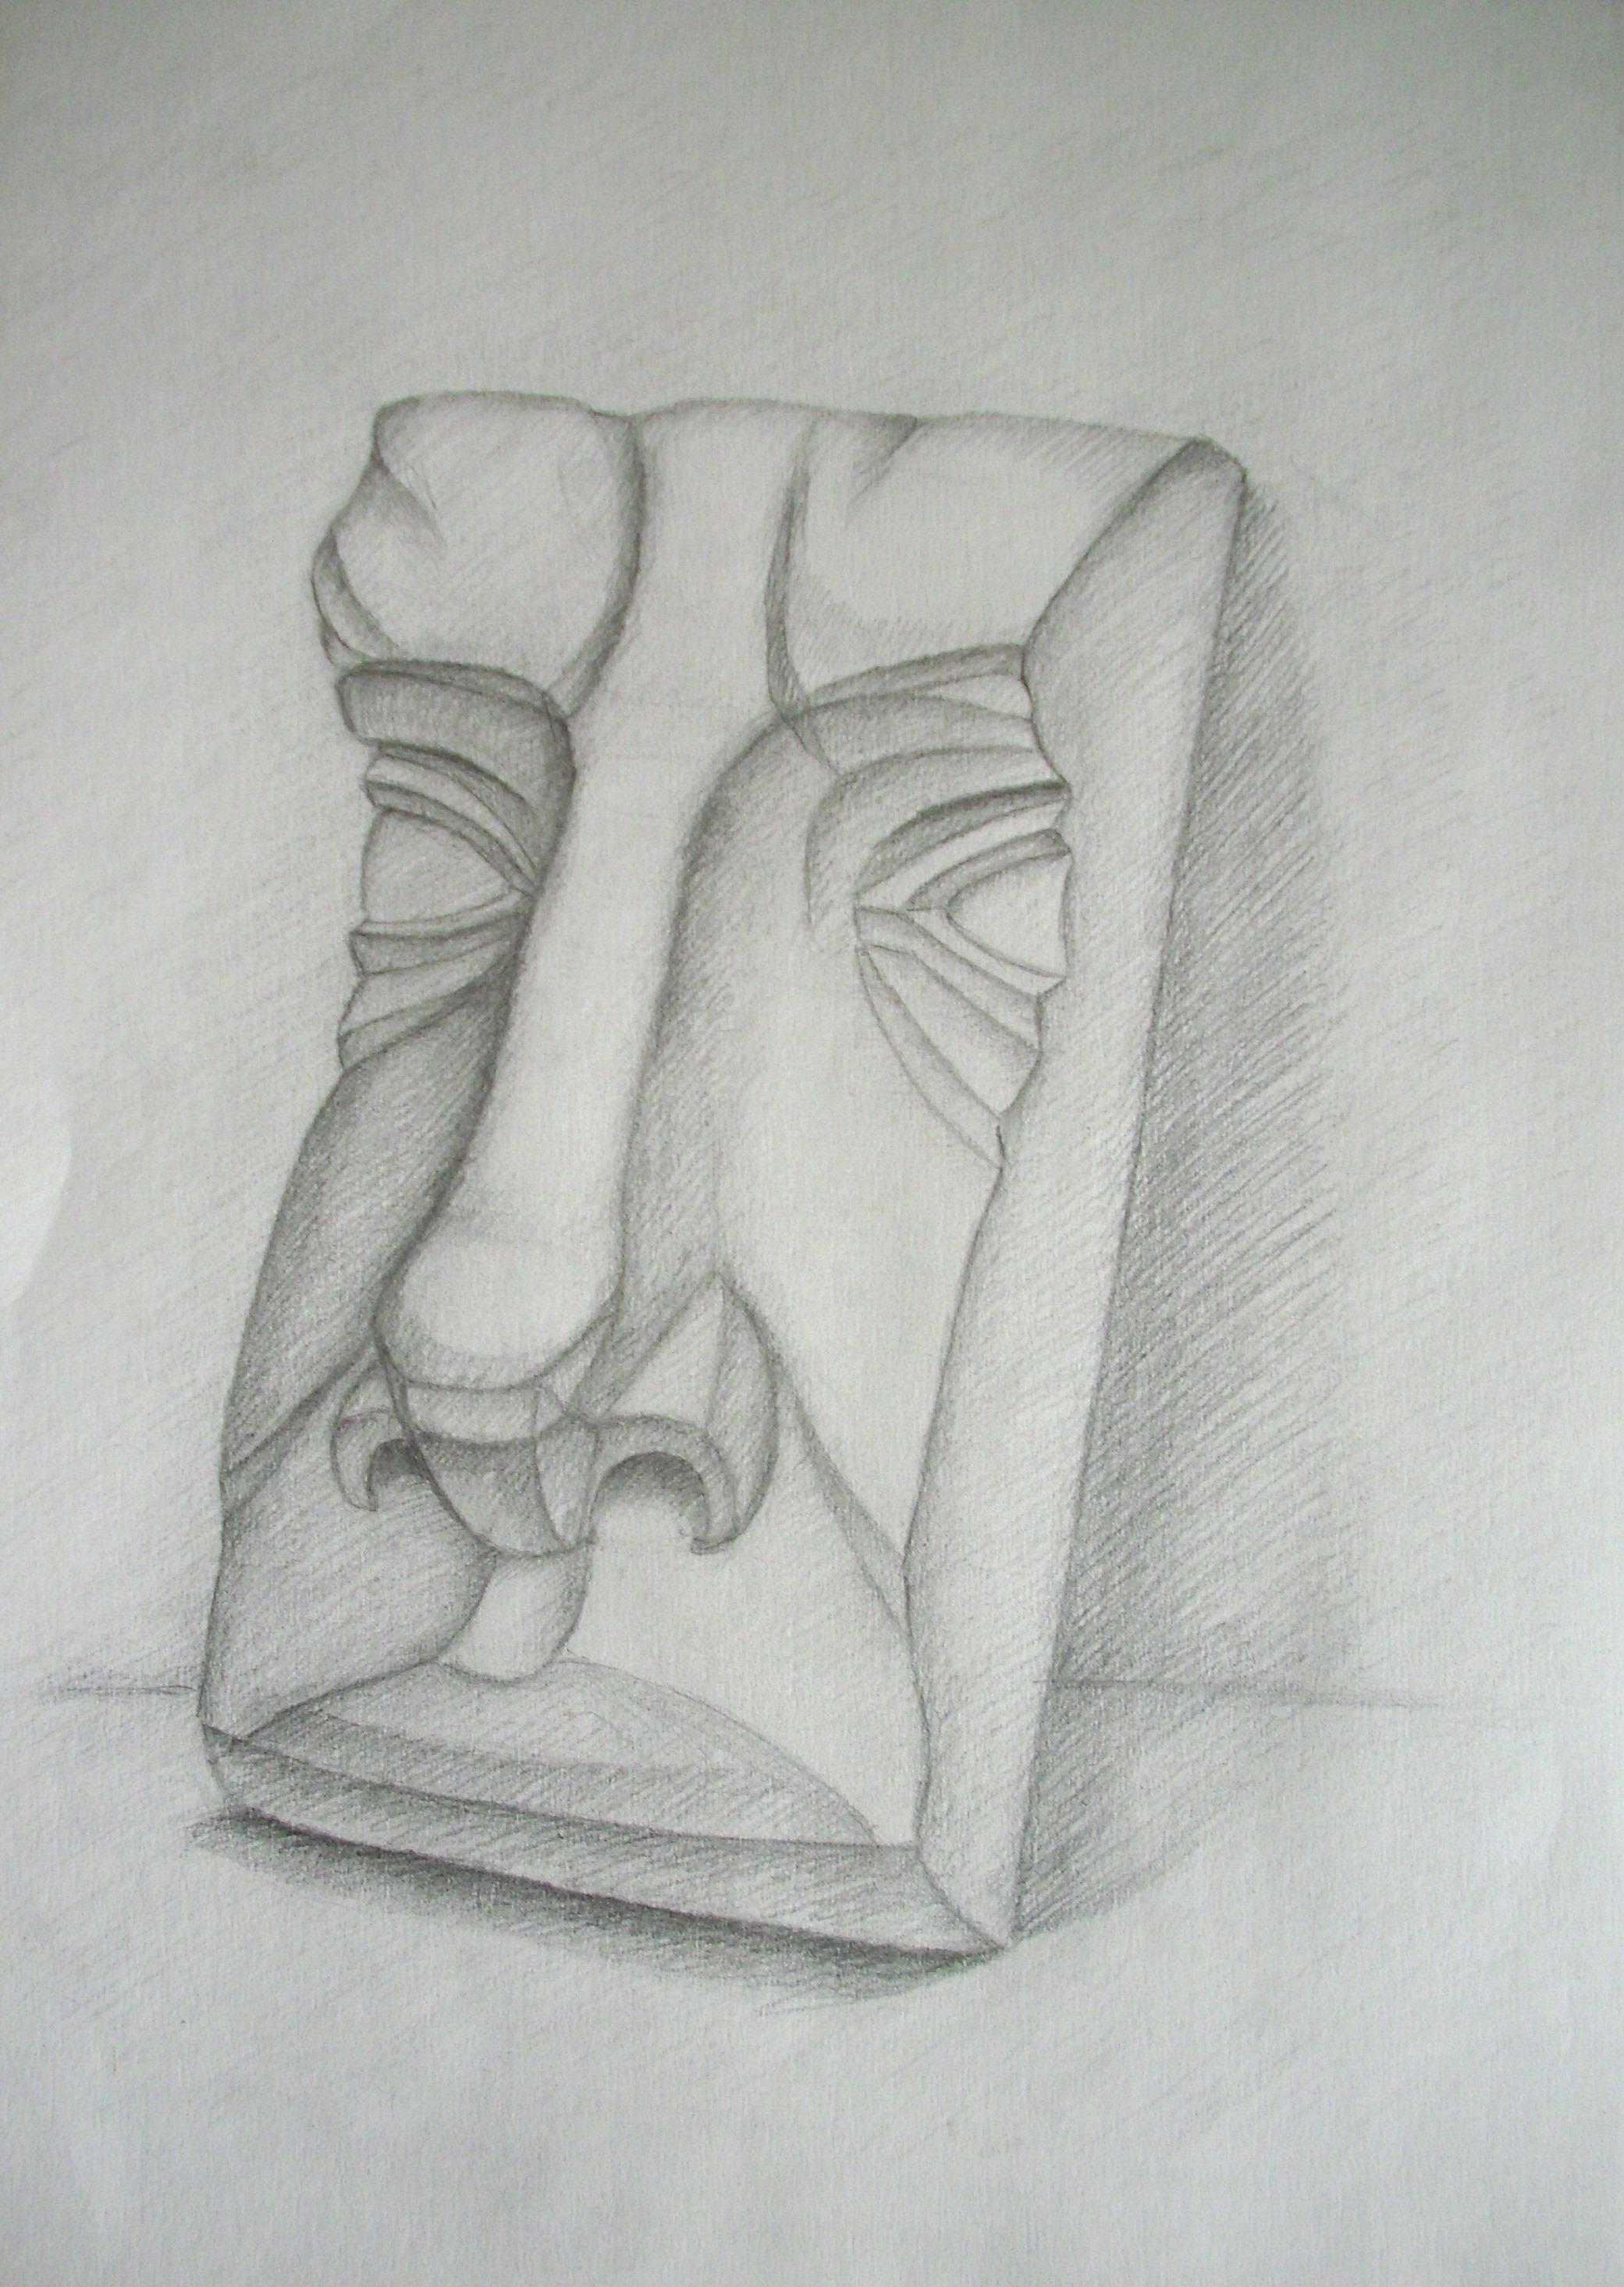 Vėliau įvairios architektūrinių portretų detalės(ruošiausi piešti galvas, bet akademinio piešimo egzamino reikalavimai buvo pakeisti)